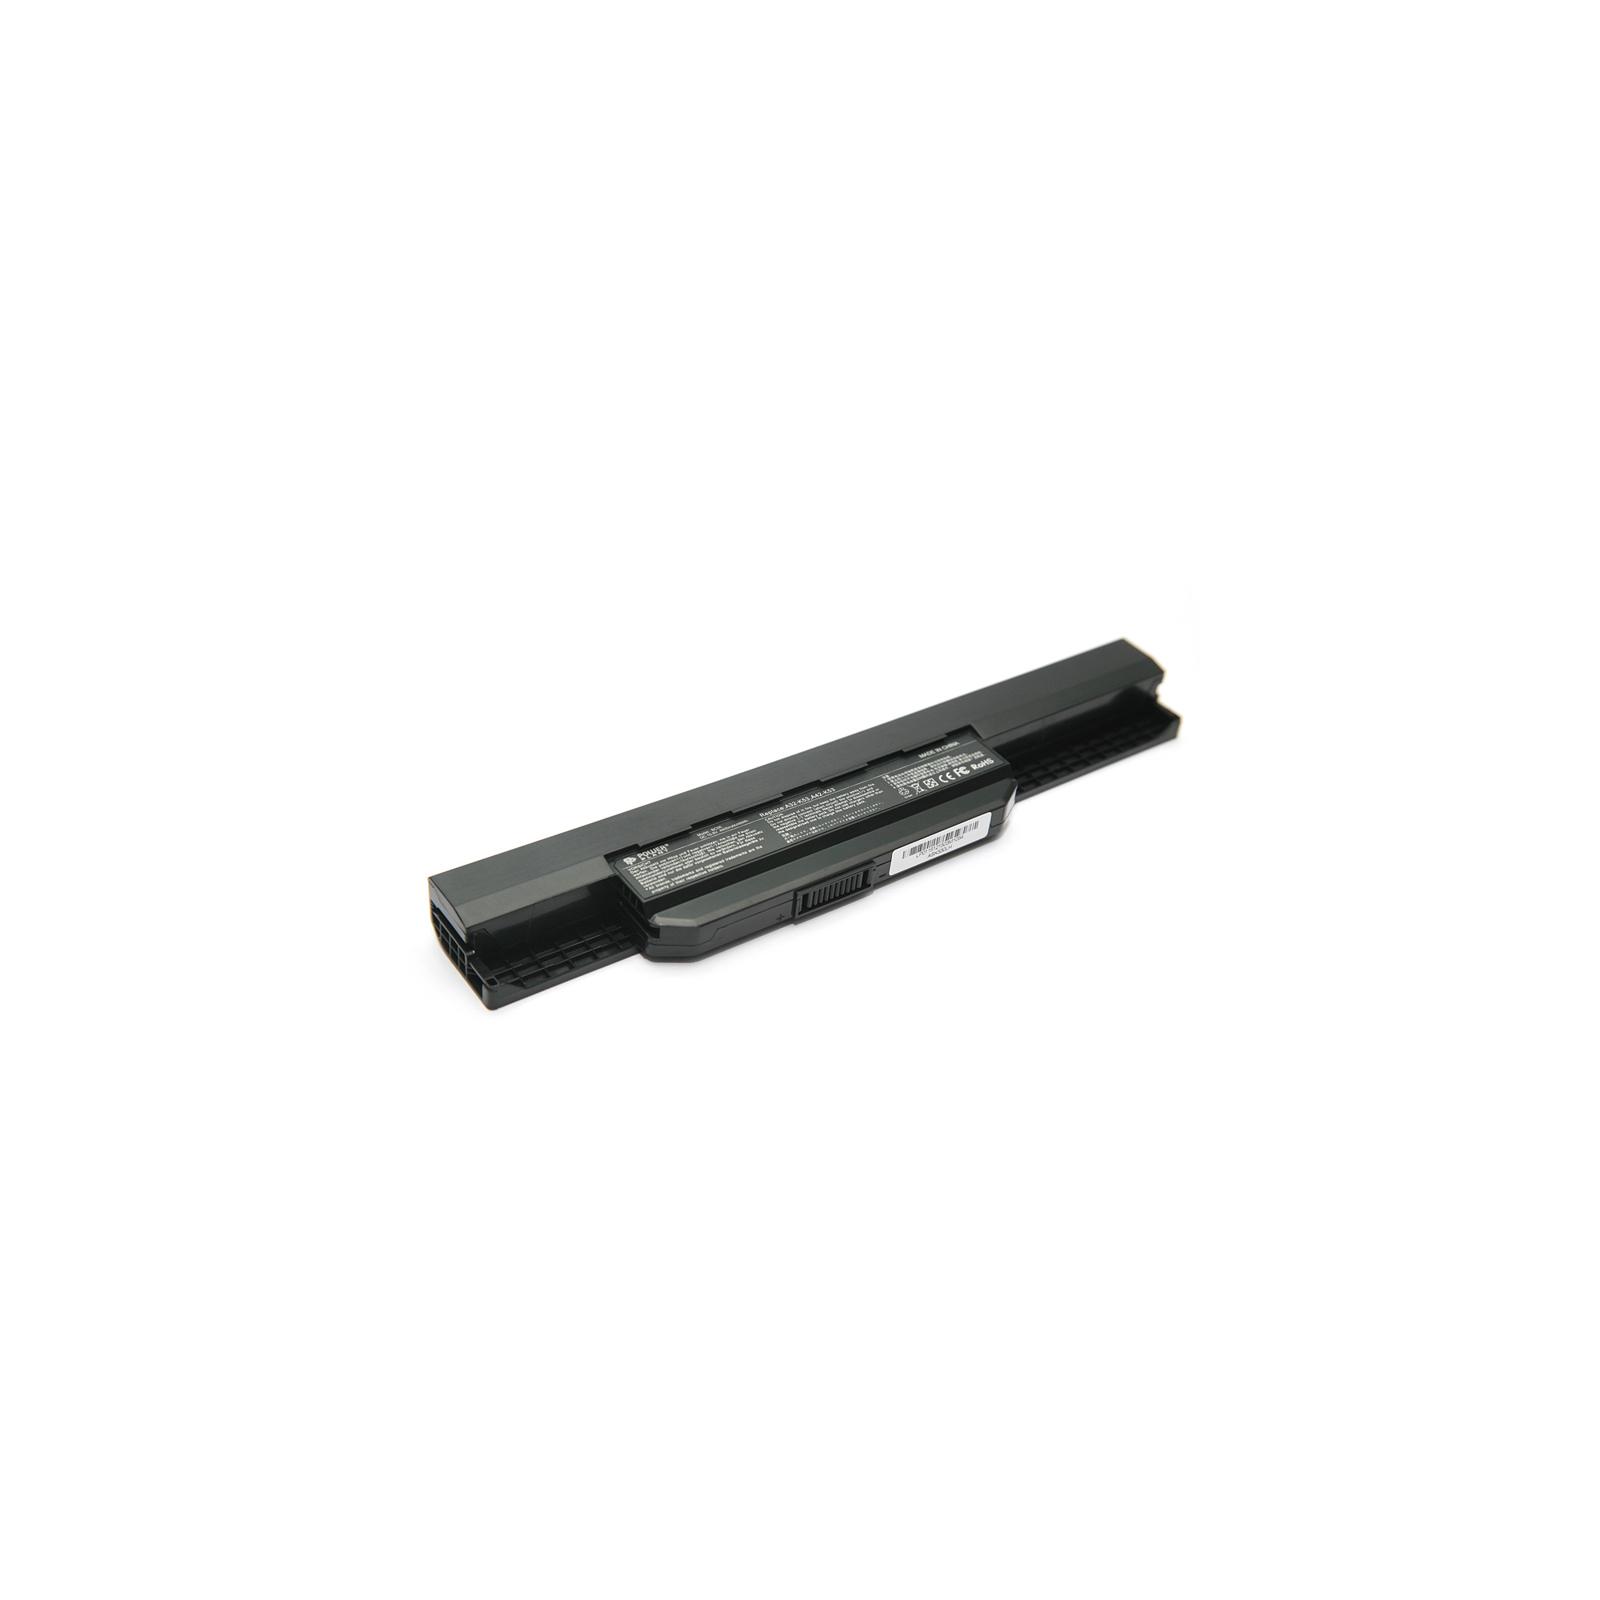 Аккумулятор для ноутбука ASUS A43 A53 (A32-K53) 10.8V 4400mAh PowerPlant (NB00000282)